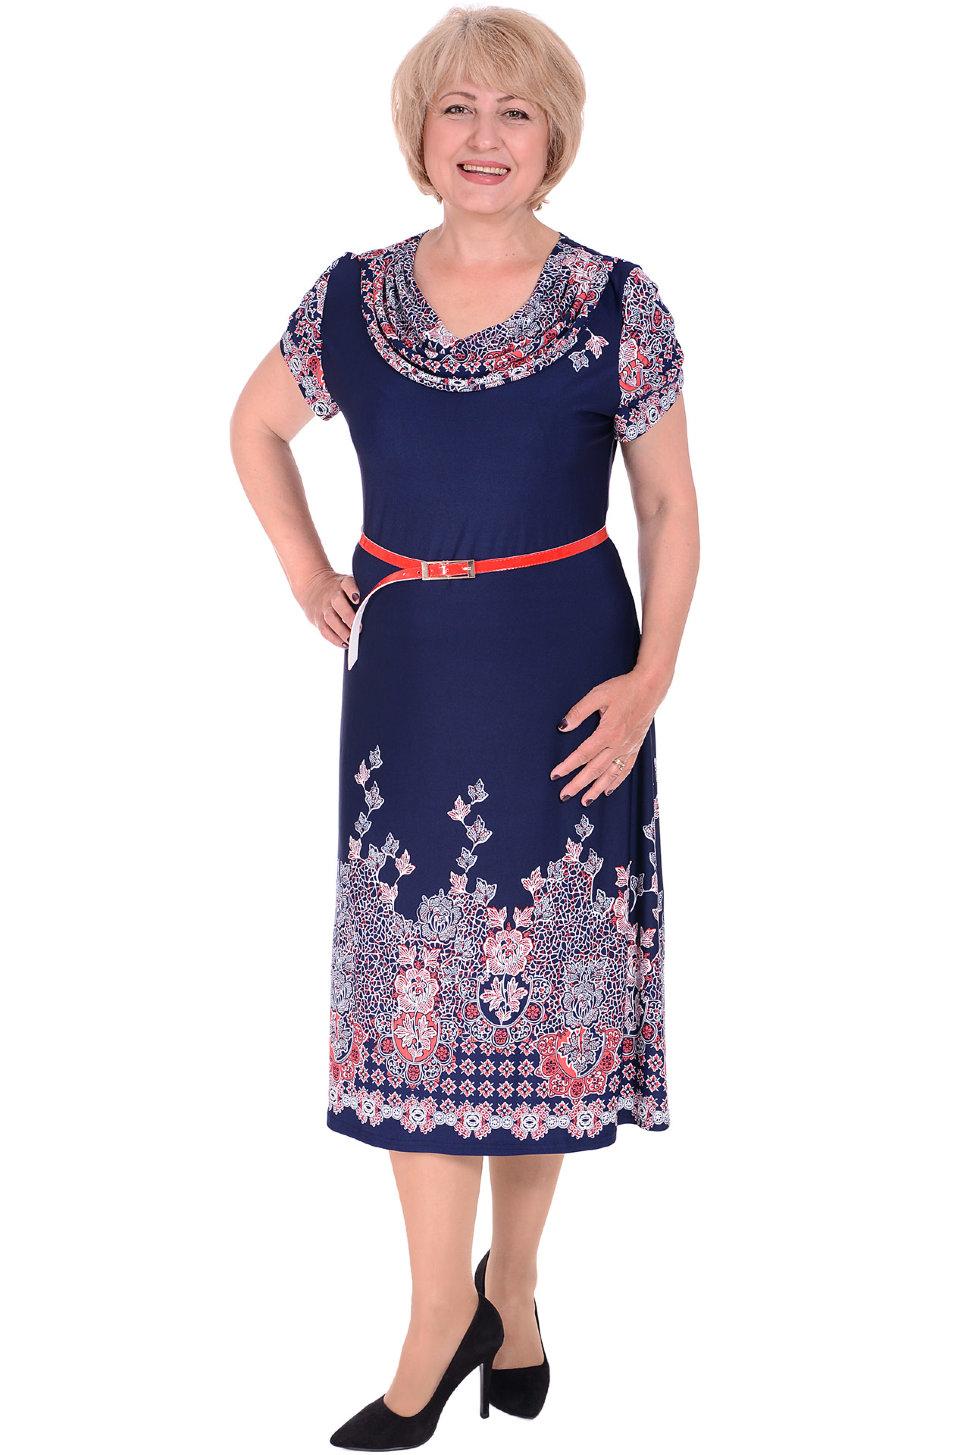 Купить Через Интернет Женскую Одежду